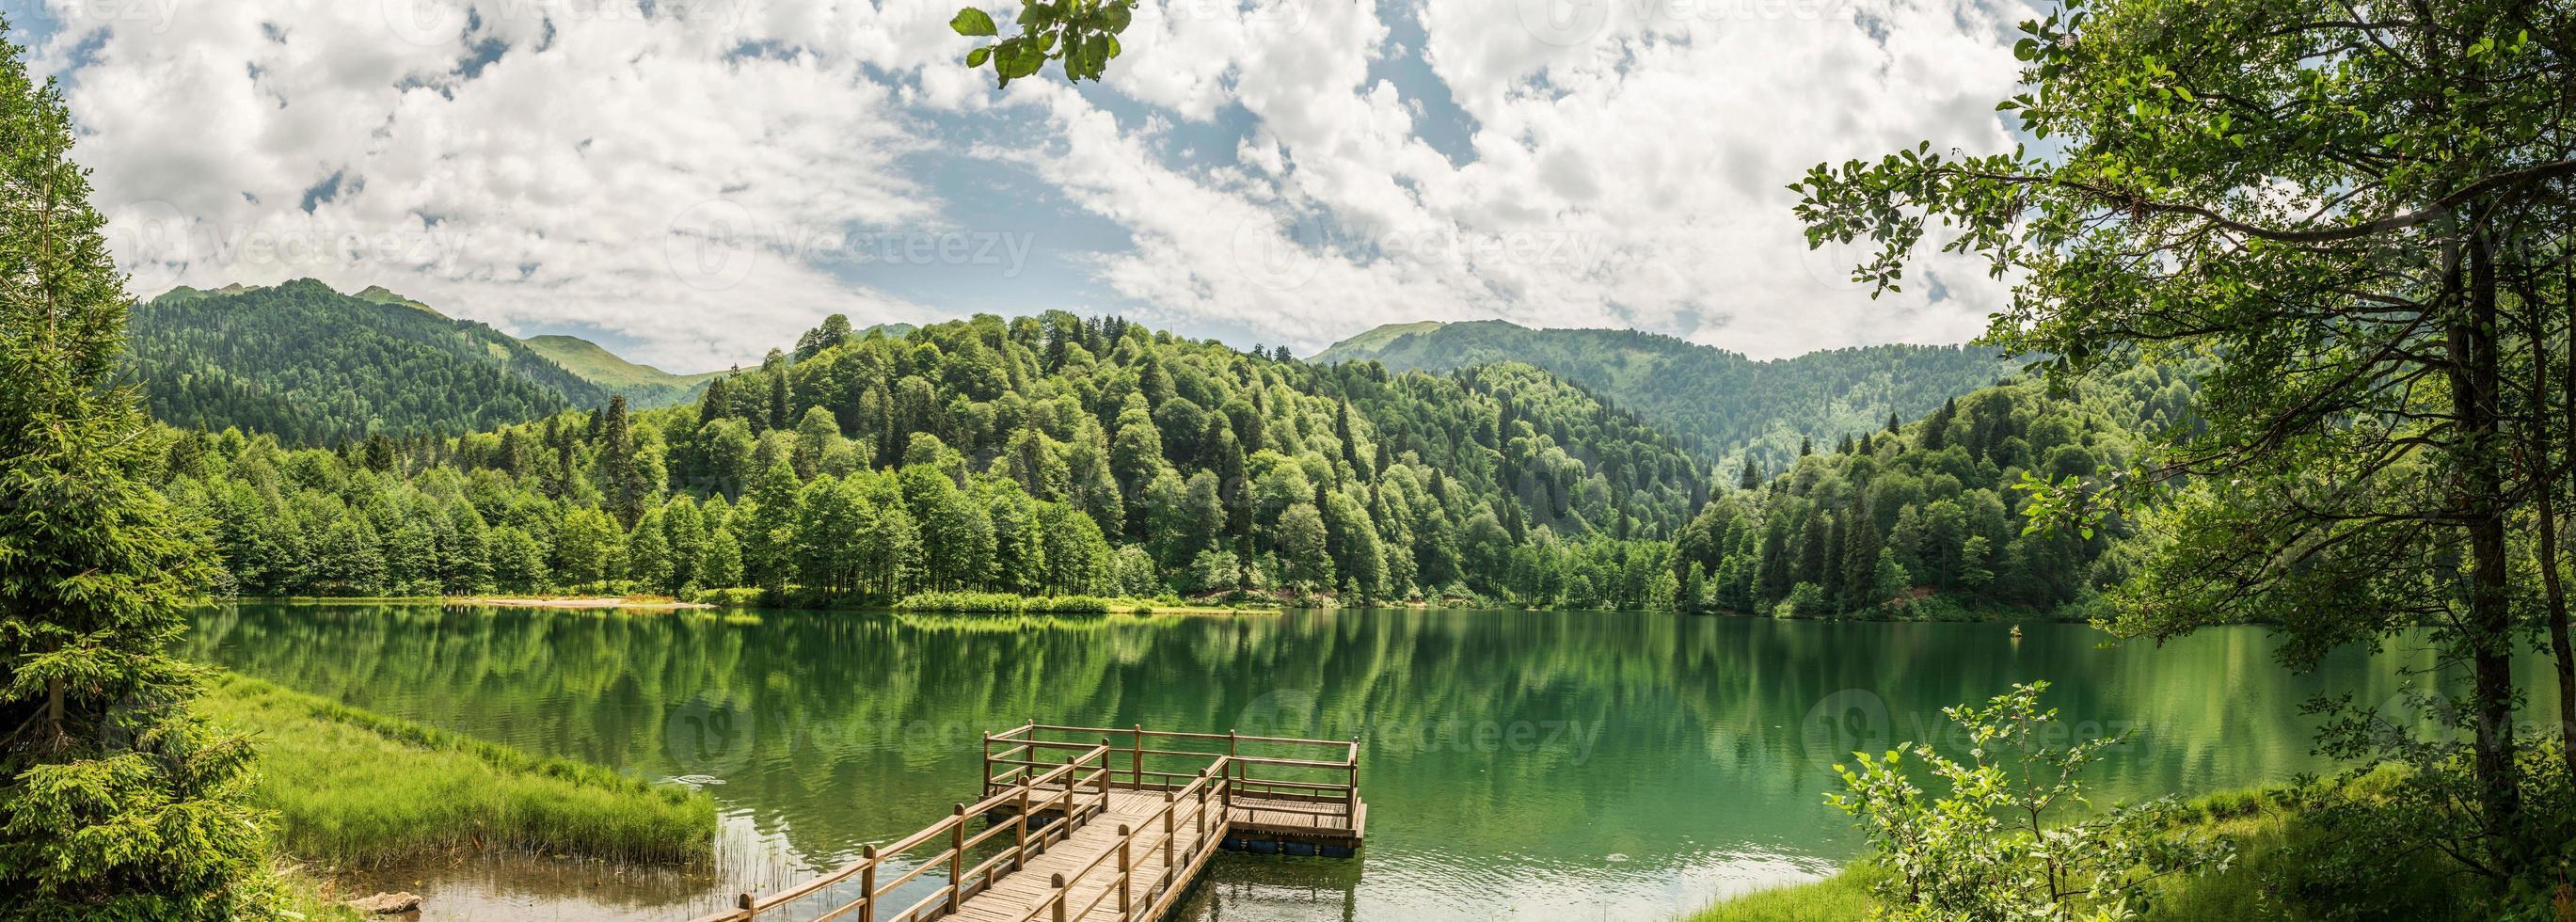 beau lac et jetée photo